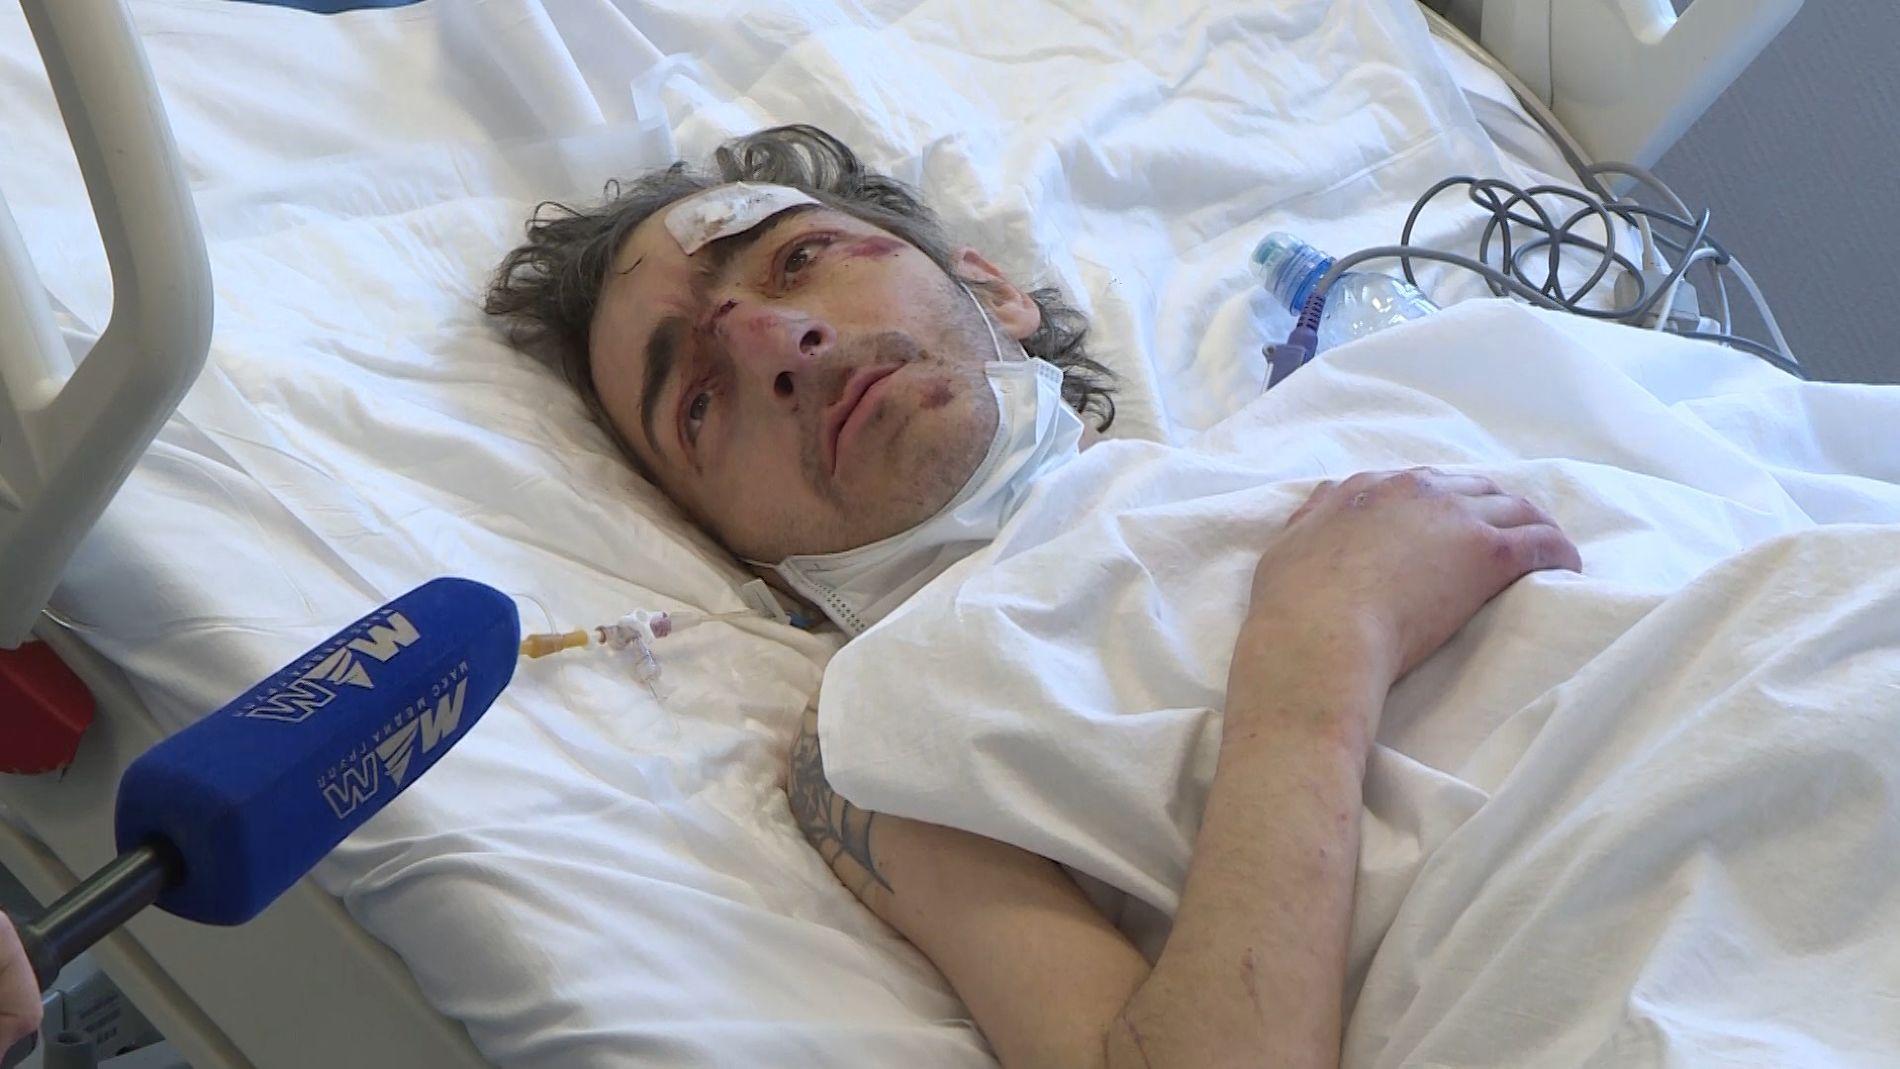 СКвозбудил дело из-за брошенного наулице пациента сочинской клиники